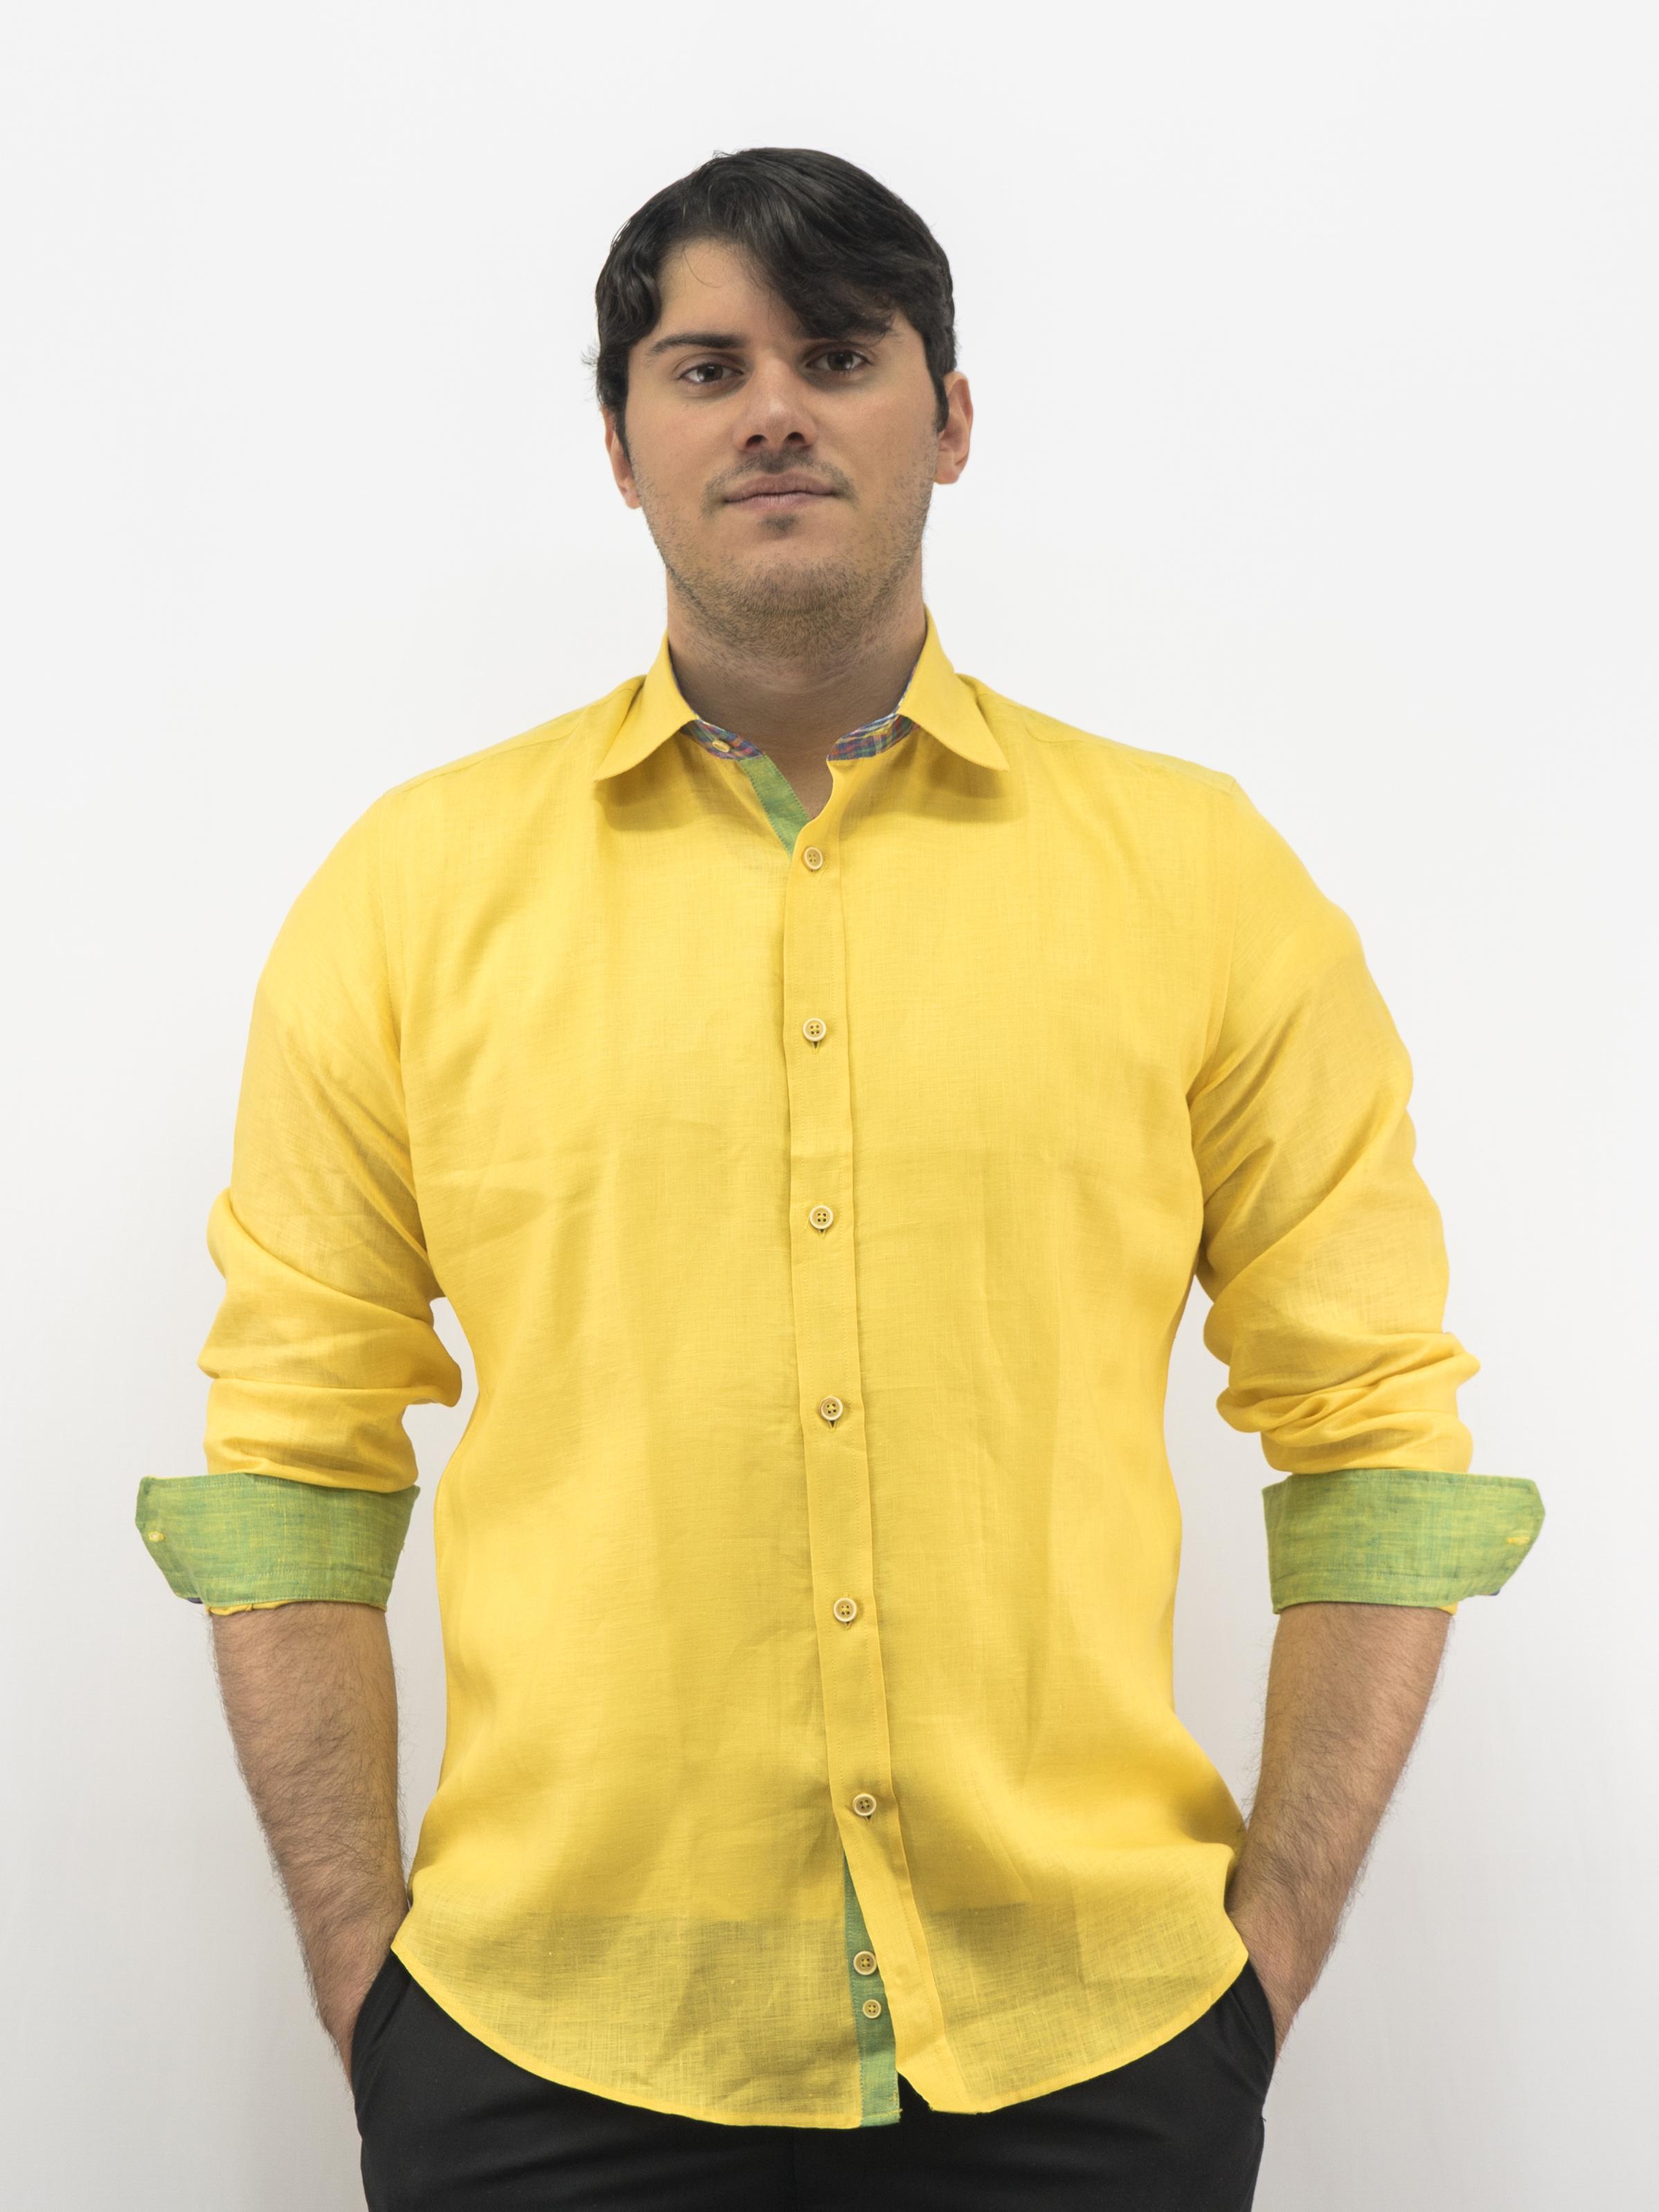 4483 yellow